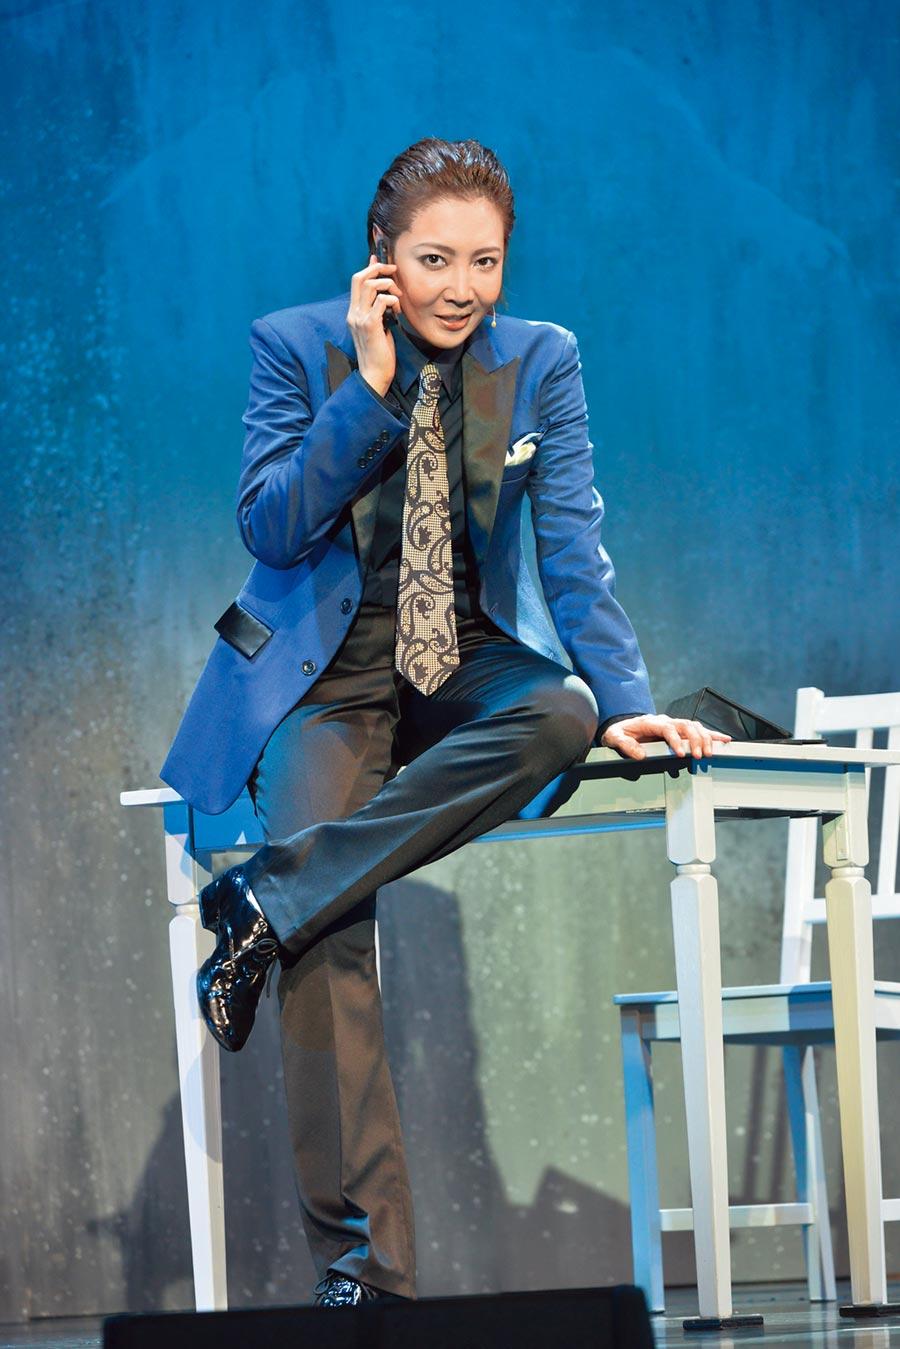 柚希禮音劇中再現男役帥姿,魅力電翻粉絲。